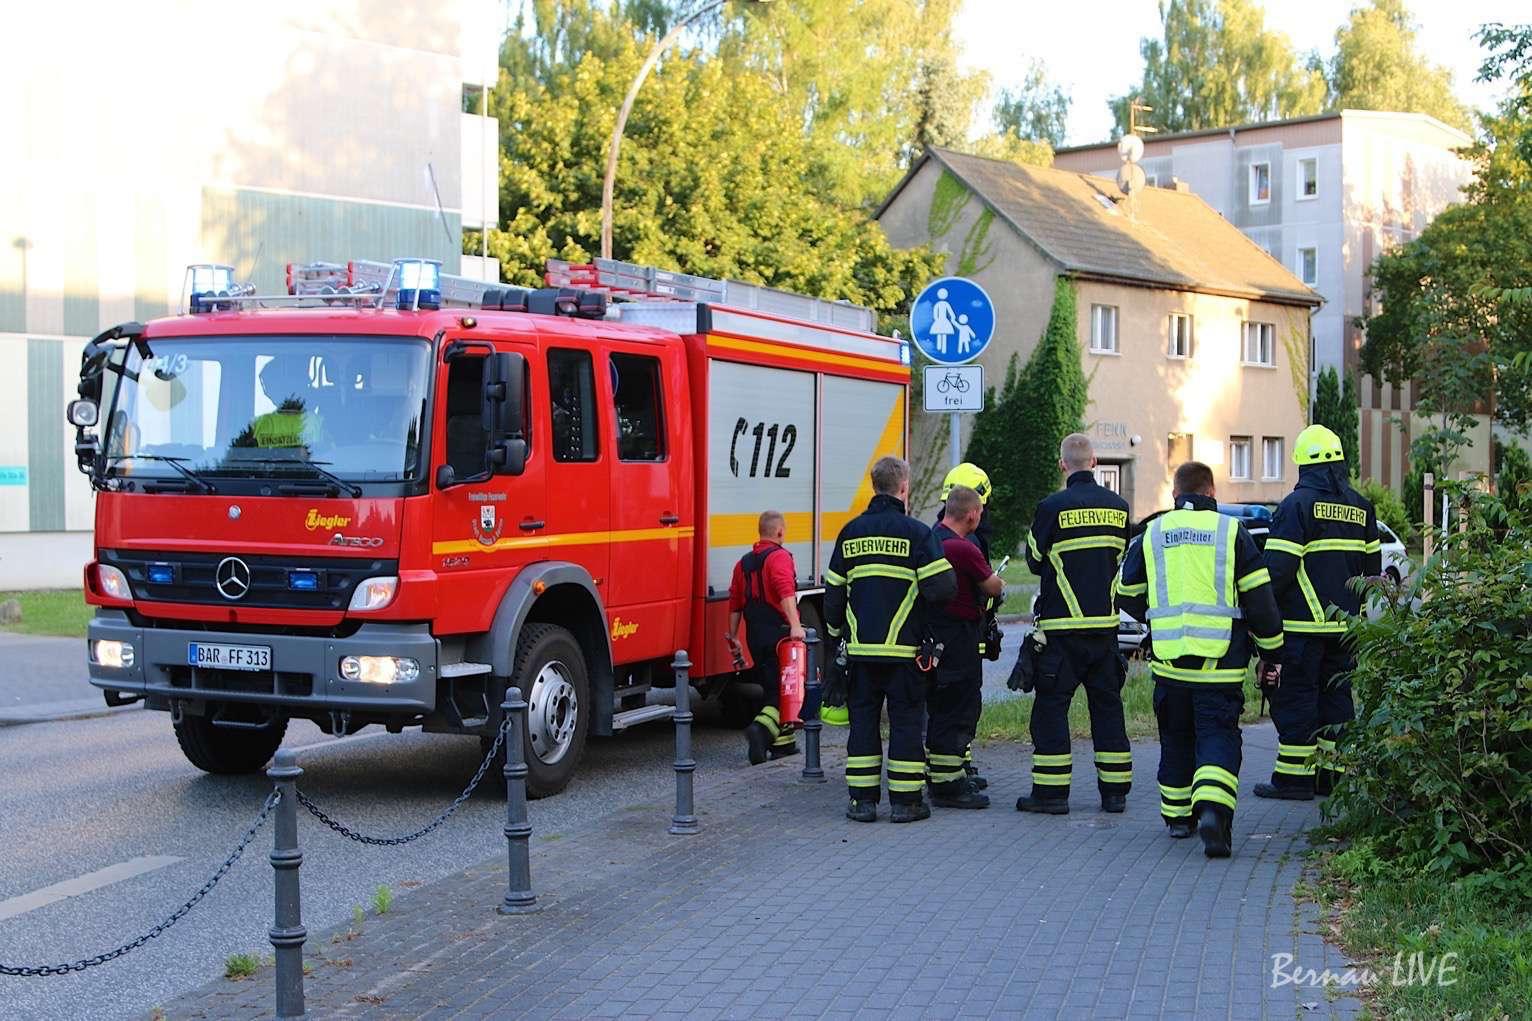 Bernau, Feuerwehr Bernau, Brand, Feuer, Rettungsdienst, Einsatz, Bernau LIVE